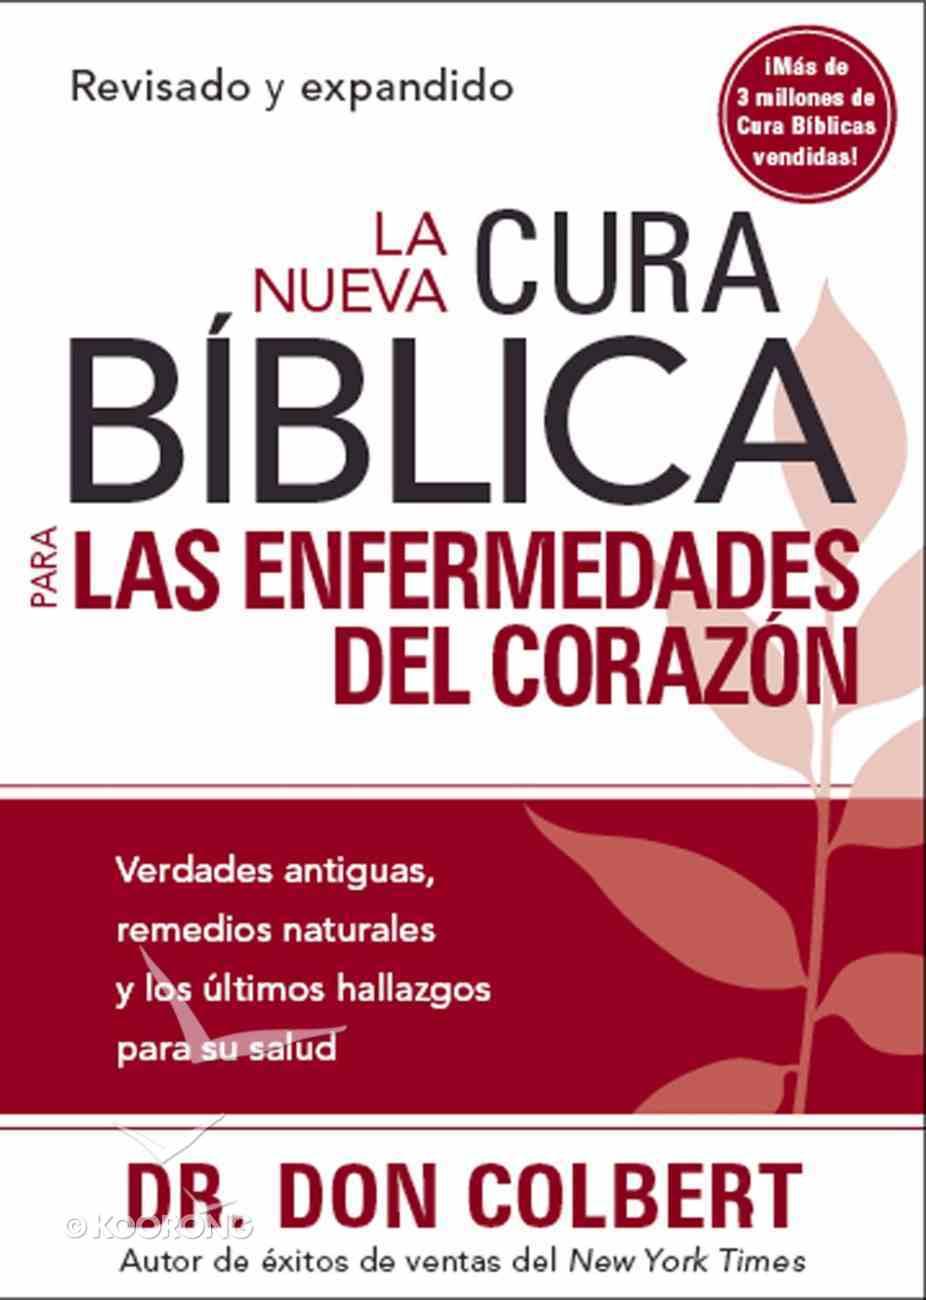 Nueva Cura Biblica Para Las Enfermedades Del Corazon, La (Spanish) (Spa) (New Bible Cure For Diseases of the Heart) (Bible Cure Series) eBook